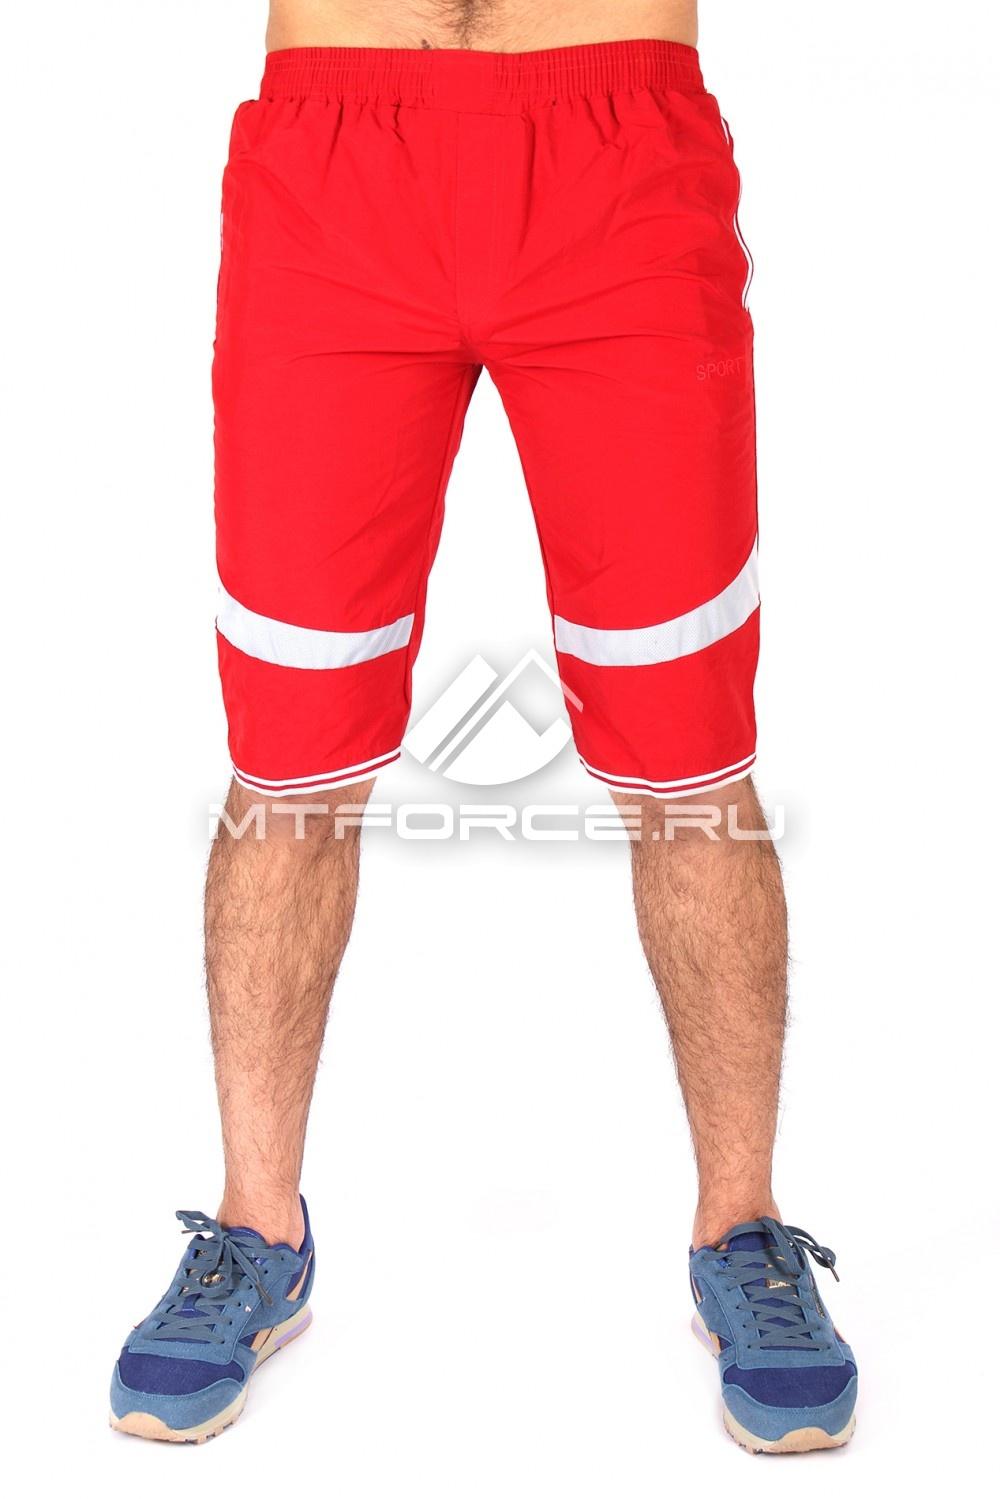 Купить                                  оптом Спортивные шорты красного цвета 717Kr в Санкт-Петербурге